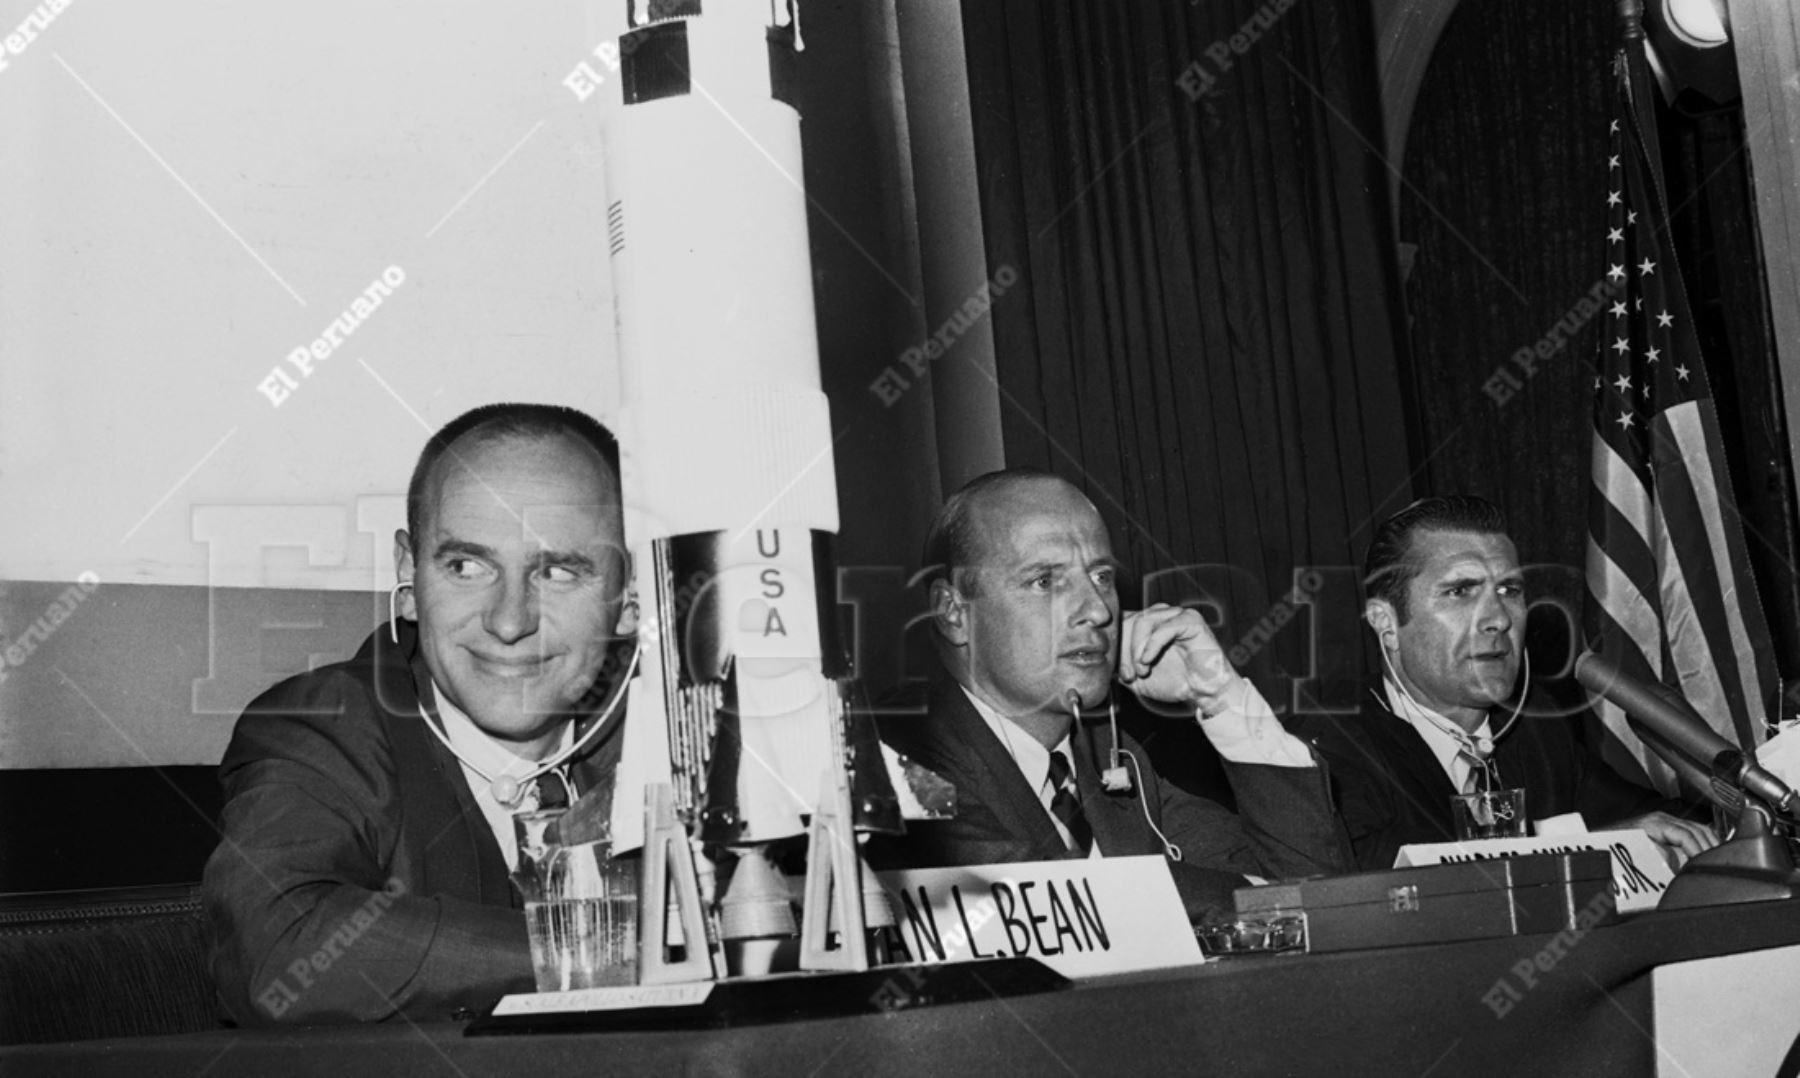 Lima - 17 febrero 1970 / Los astronautas del Apolo XII: Alan Bean, Chales Conrad y Richard Gordon ofrecieron una concurrida conferencia de prensa en el Hotel Bolívar. Los llamados héroes de la Luna realizan una visita de amistad y buena voluntad. Archivo